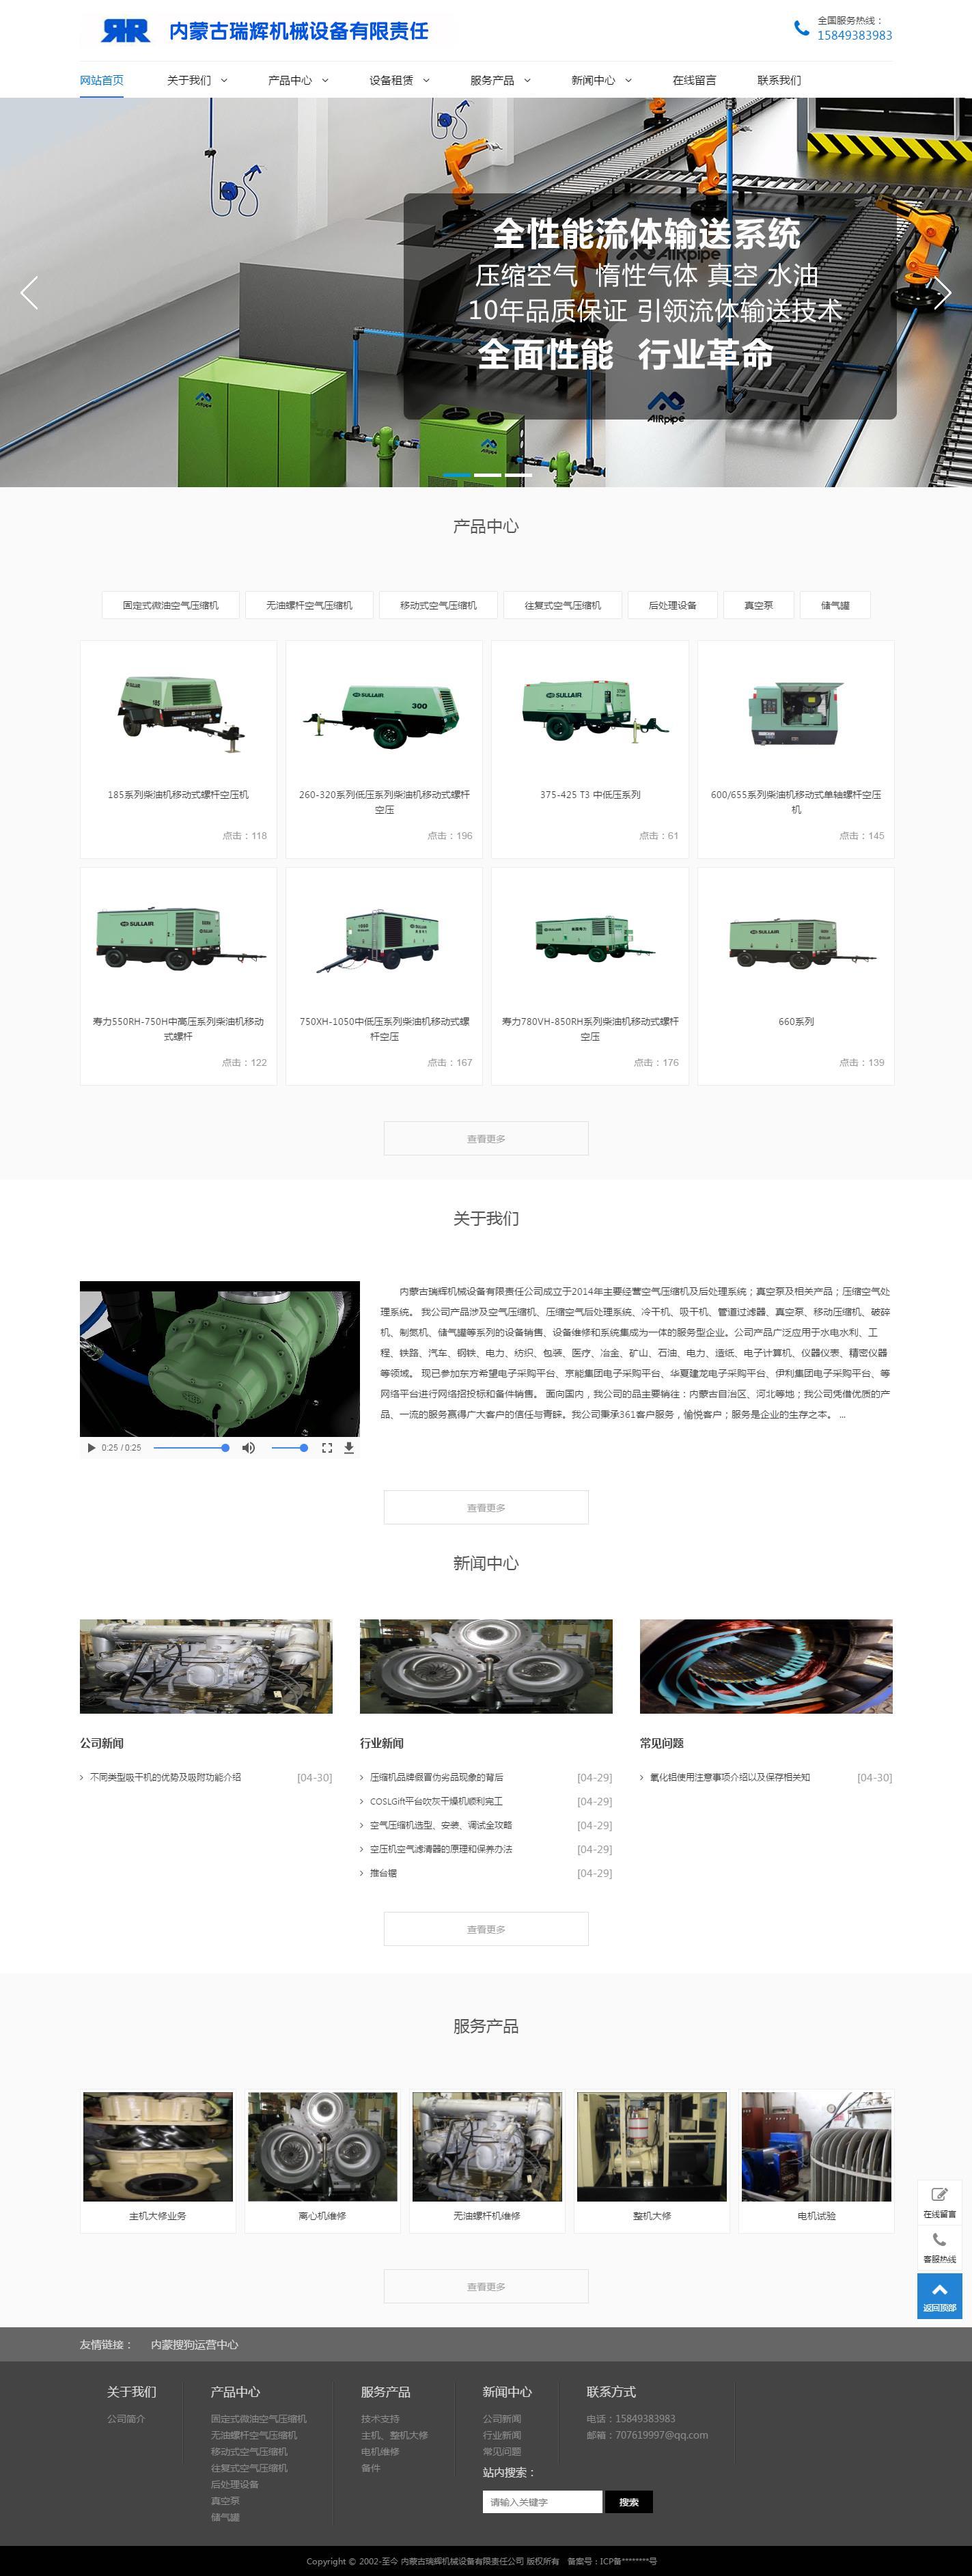 易胜博ysb248网址-瑞辉机械设备有限公司